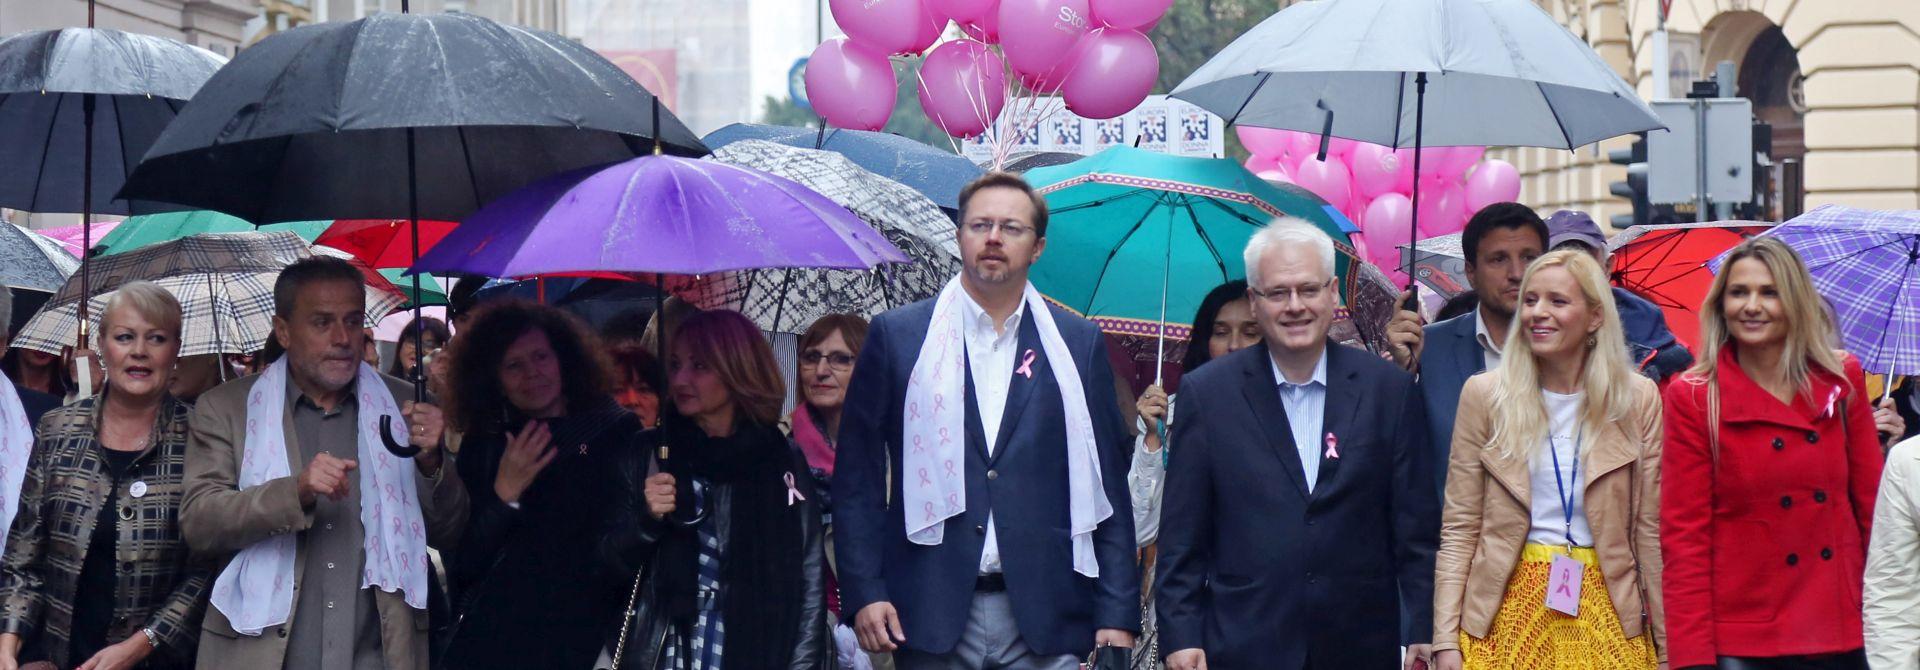 GODIŠNJE OBOLI 2500 ŽENA Dan ružičaste vrpce posvećen prevenciji raka dojke